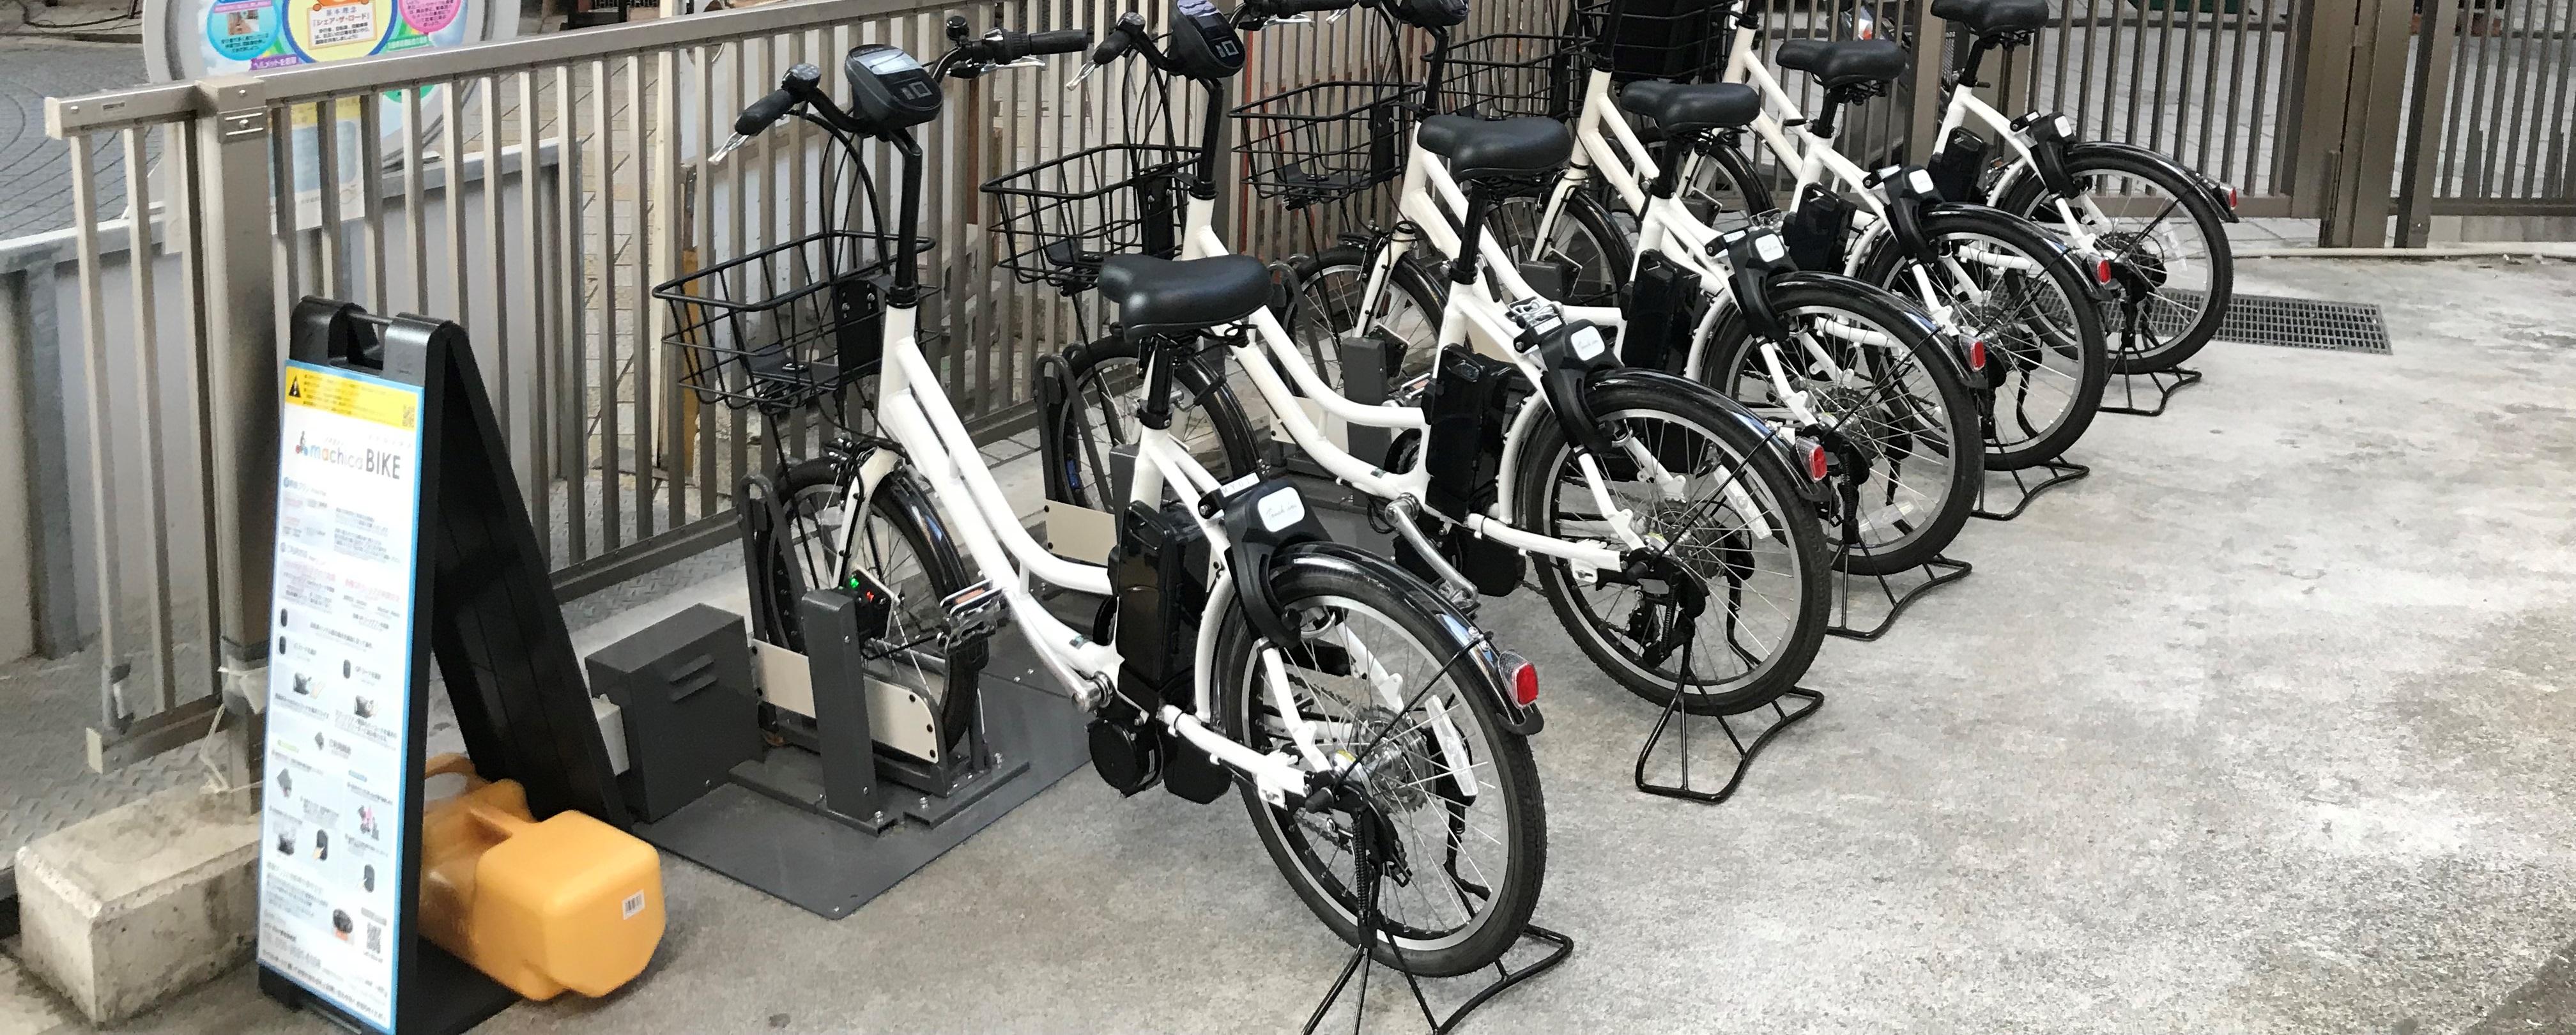 愛媛県でシェアサイクルのバッテリーへワイヤレス充電!